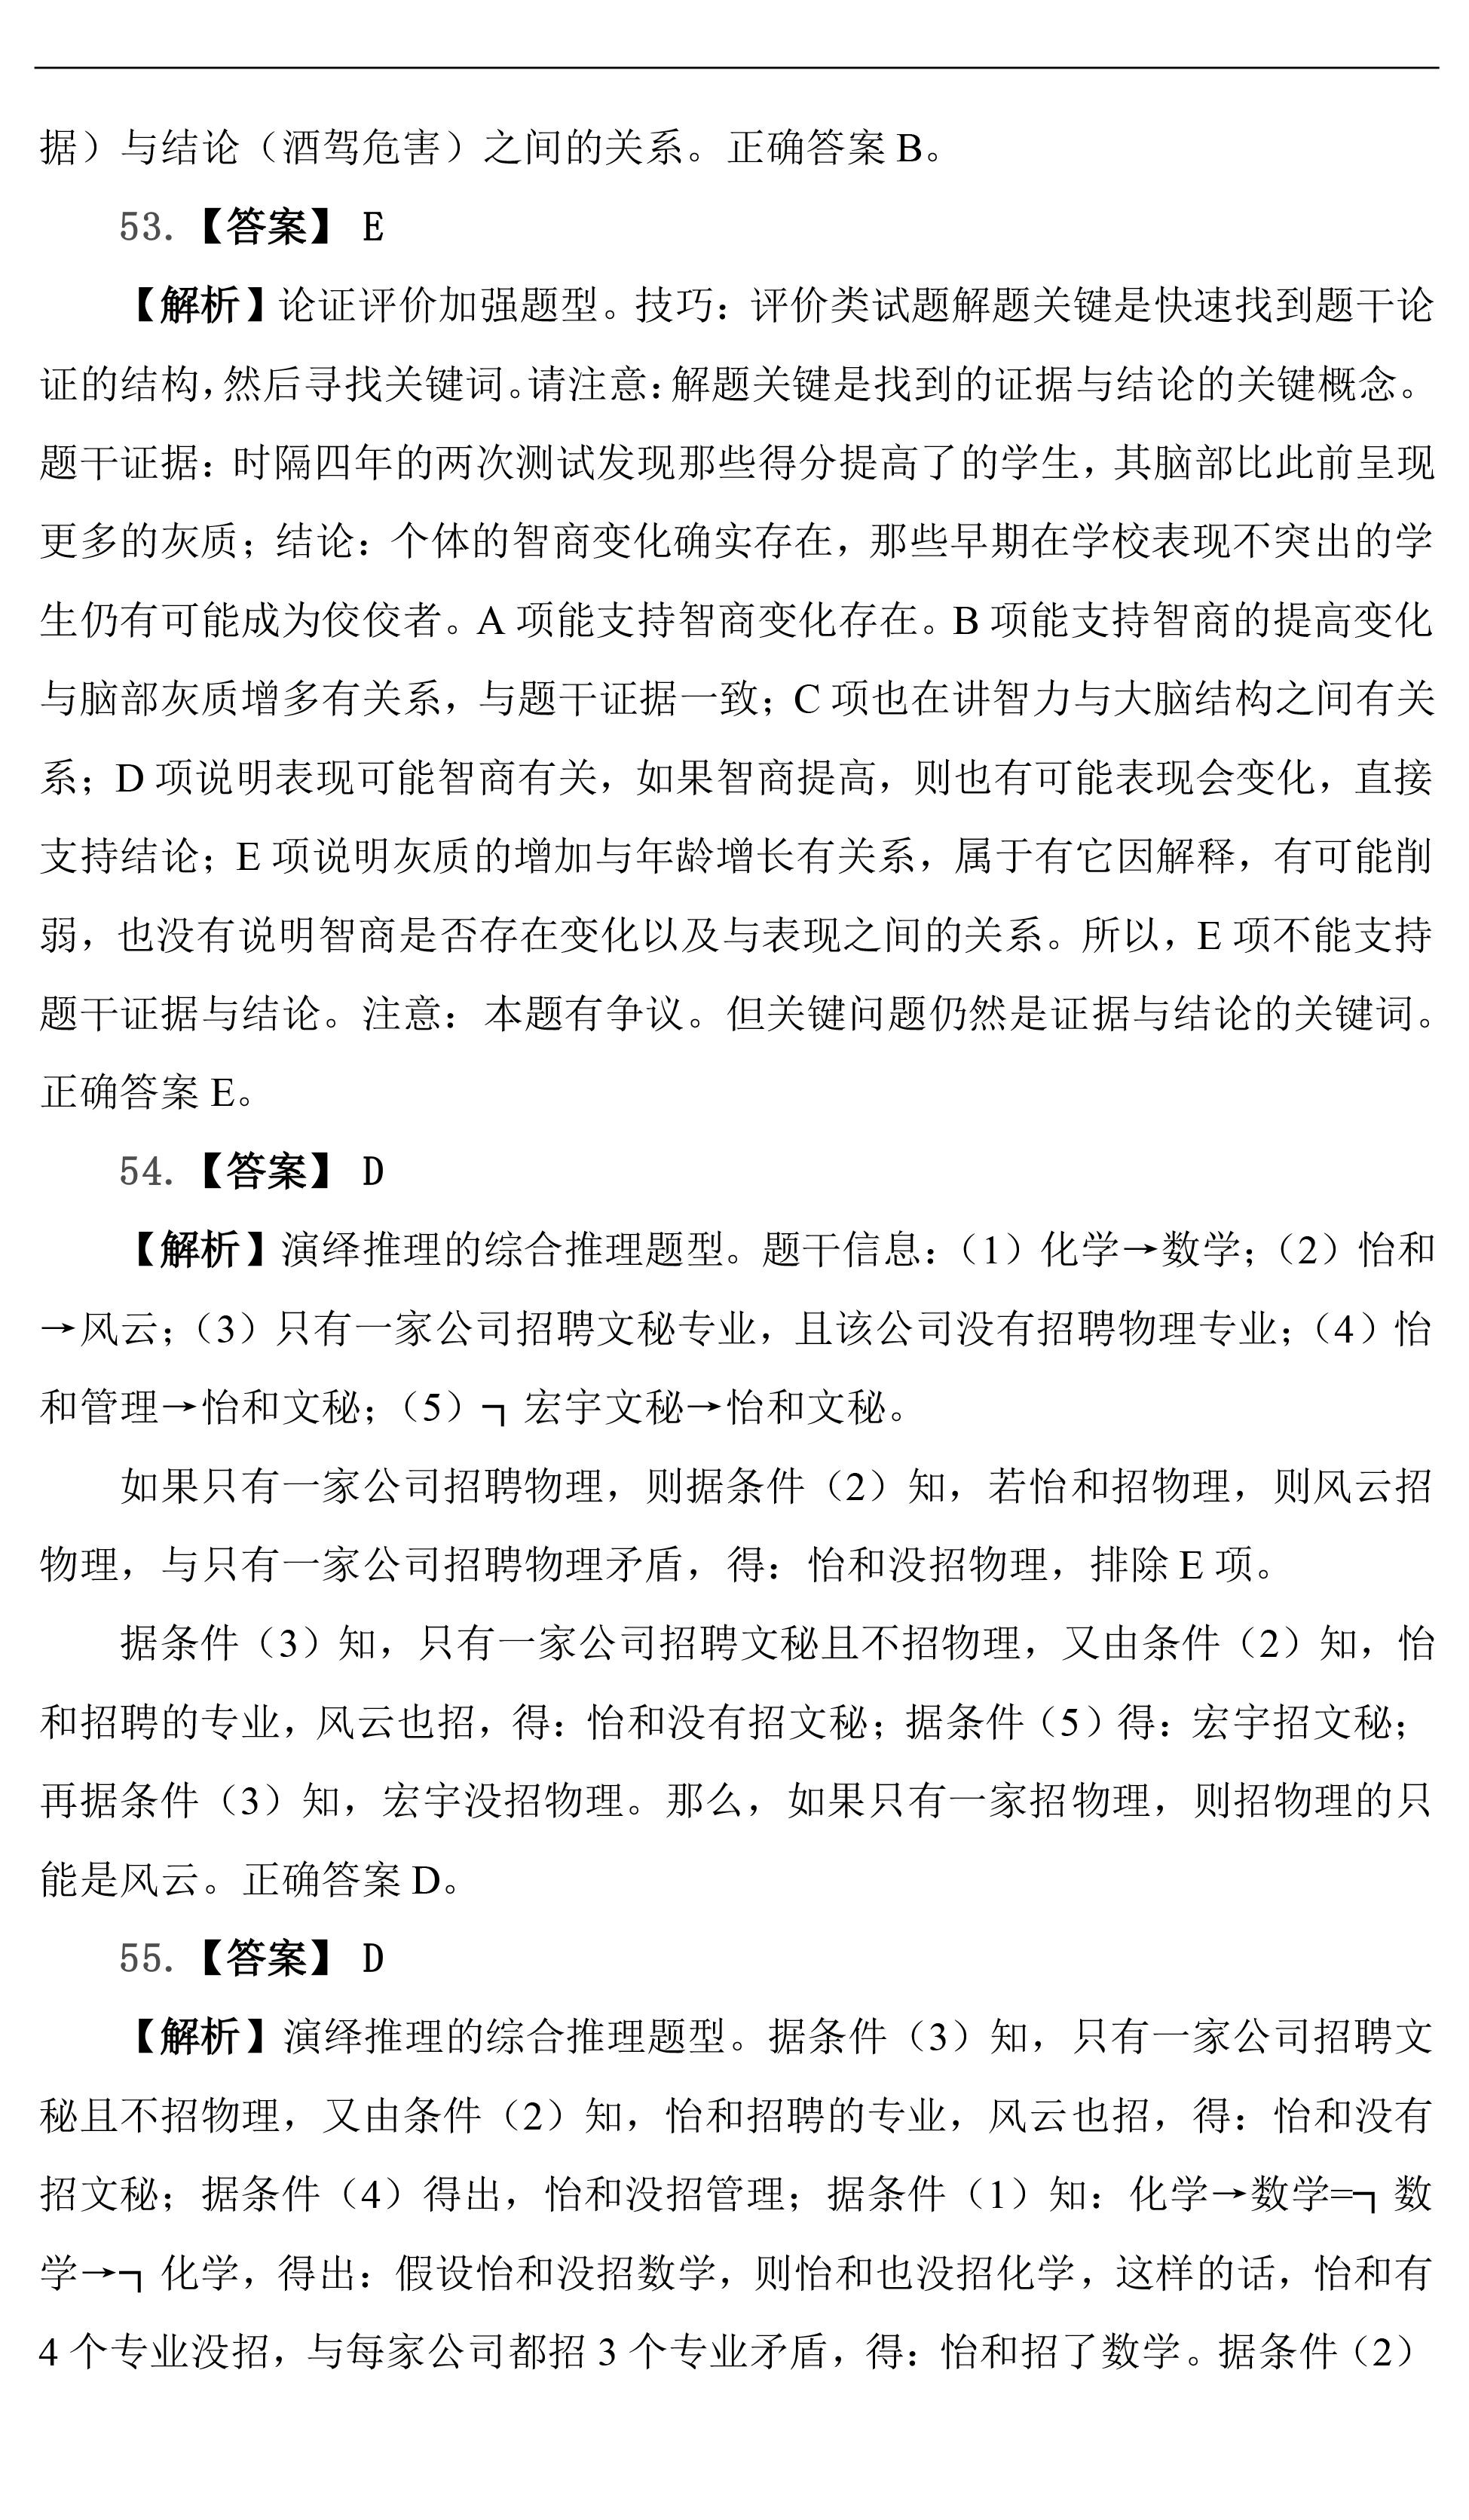 真题试卷集-综合-2014~2018-解析-33.jpg